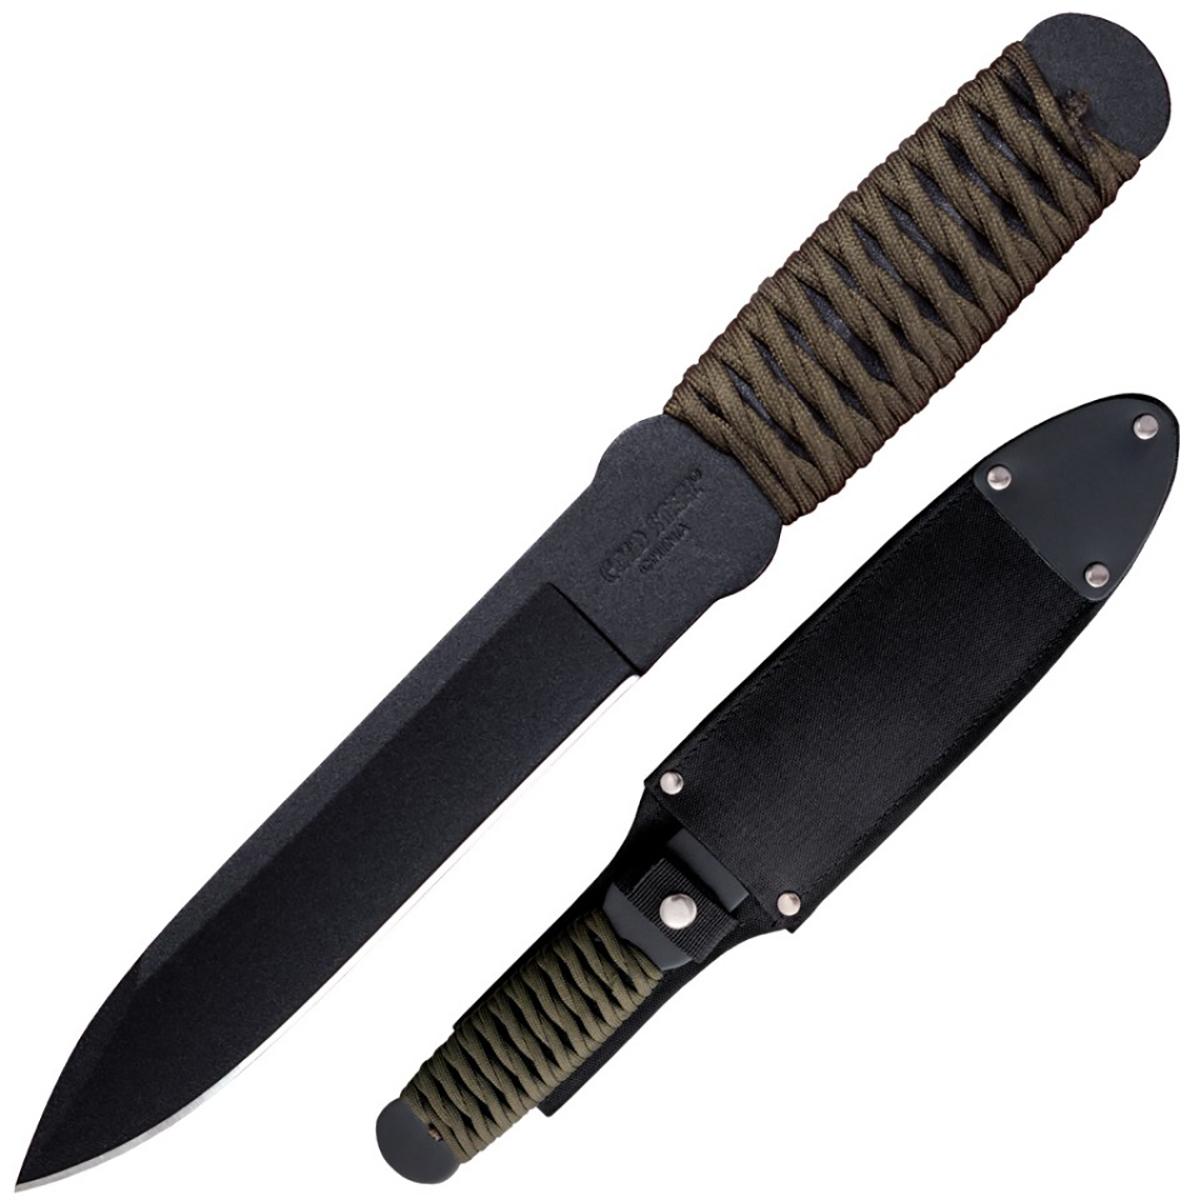 Нож Cold Steel True Flight Thrower, с ножнами, общая длина 30,5 смCS/80TFTCZОригинальный нож модели True Flight Thrower, выполненный с фиксированным клинком, разработан всемирно известным производителем Cold Steel. Это отличное оружие для бросков в цель.Нож оснащен стойкой эргономичной рукояткой, которая дополнена паракордом, для комфортного удержания в руках. При желании не составит забот её распустить и сменить на другую. Клинок с гладкой заточкой изготовлен из высококачественной нержавеющей стали.Никакие метания и нагрузки не изменят его формы, матовое покрытие надёжно защитит от окисления. Оружие укомплектовано превосходными ножнами. Особые удобства придаёт ремешок для фиксации и пластиковые вставки. Ножны гарантируют надёжное хранение и перевозку данного изделия. Размер ножа в открытом виде: 30,5 см.Толщина обуха: 5 мм.